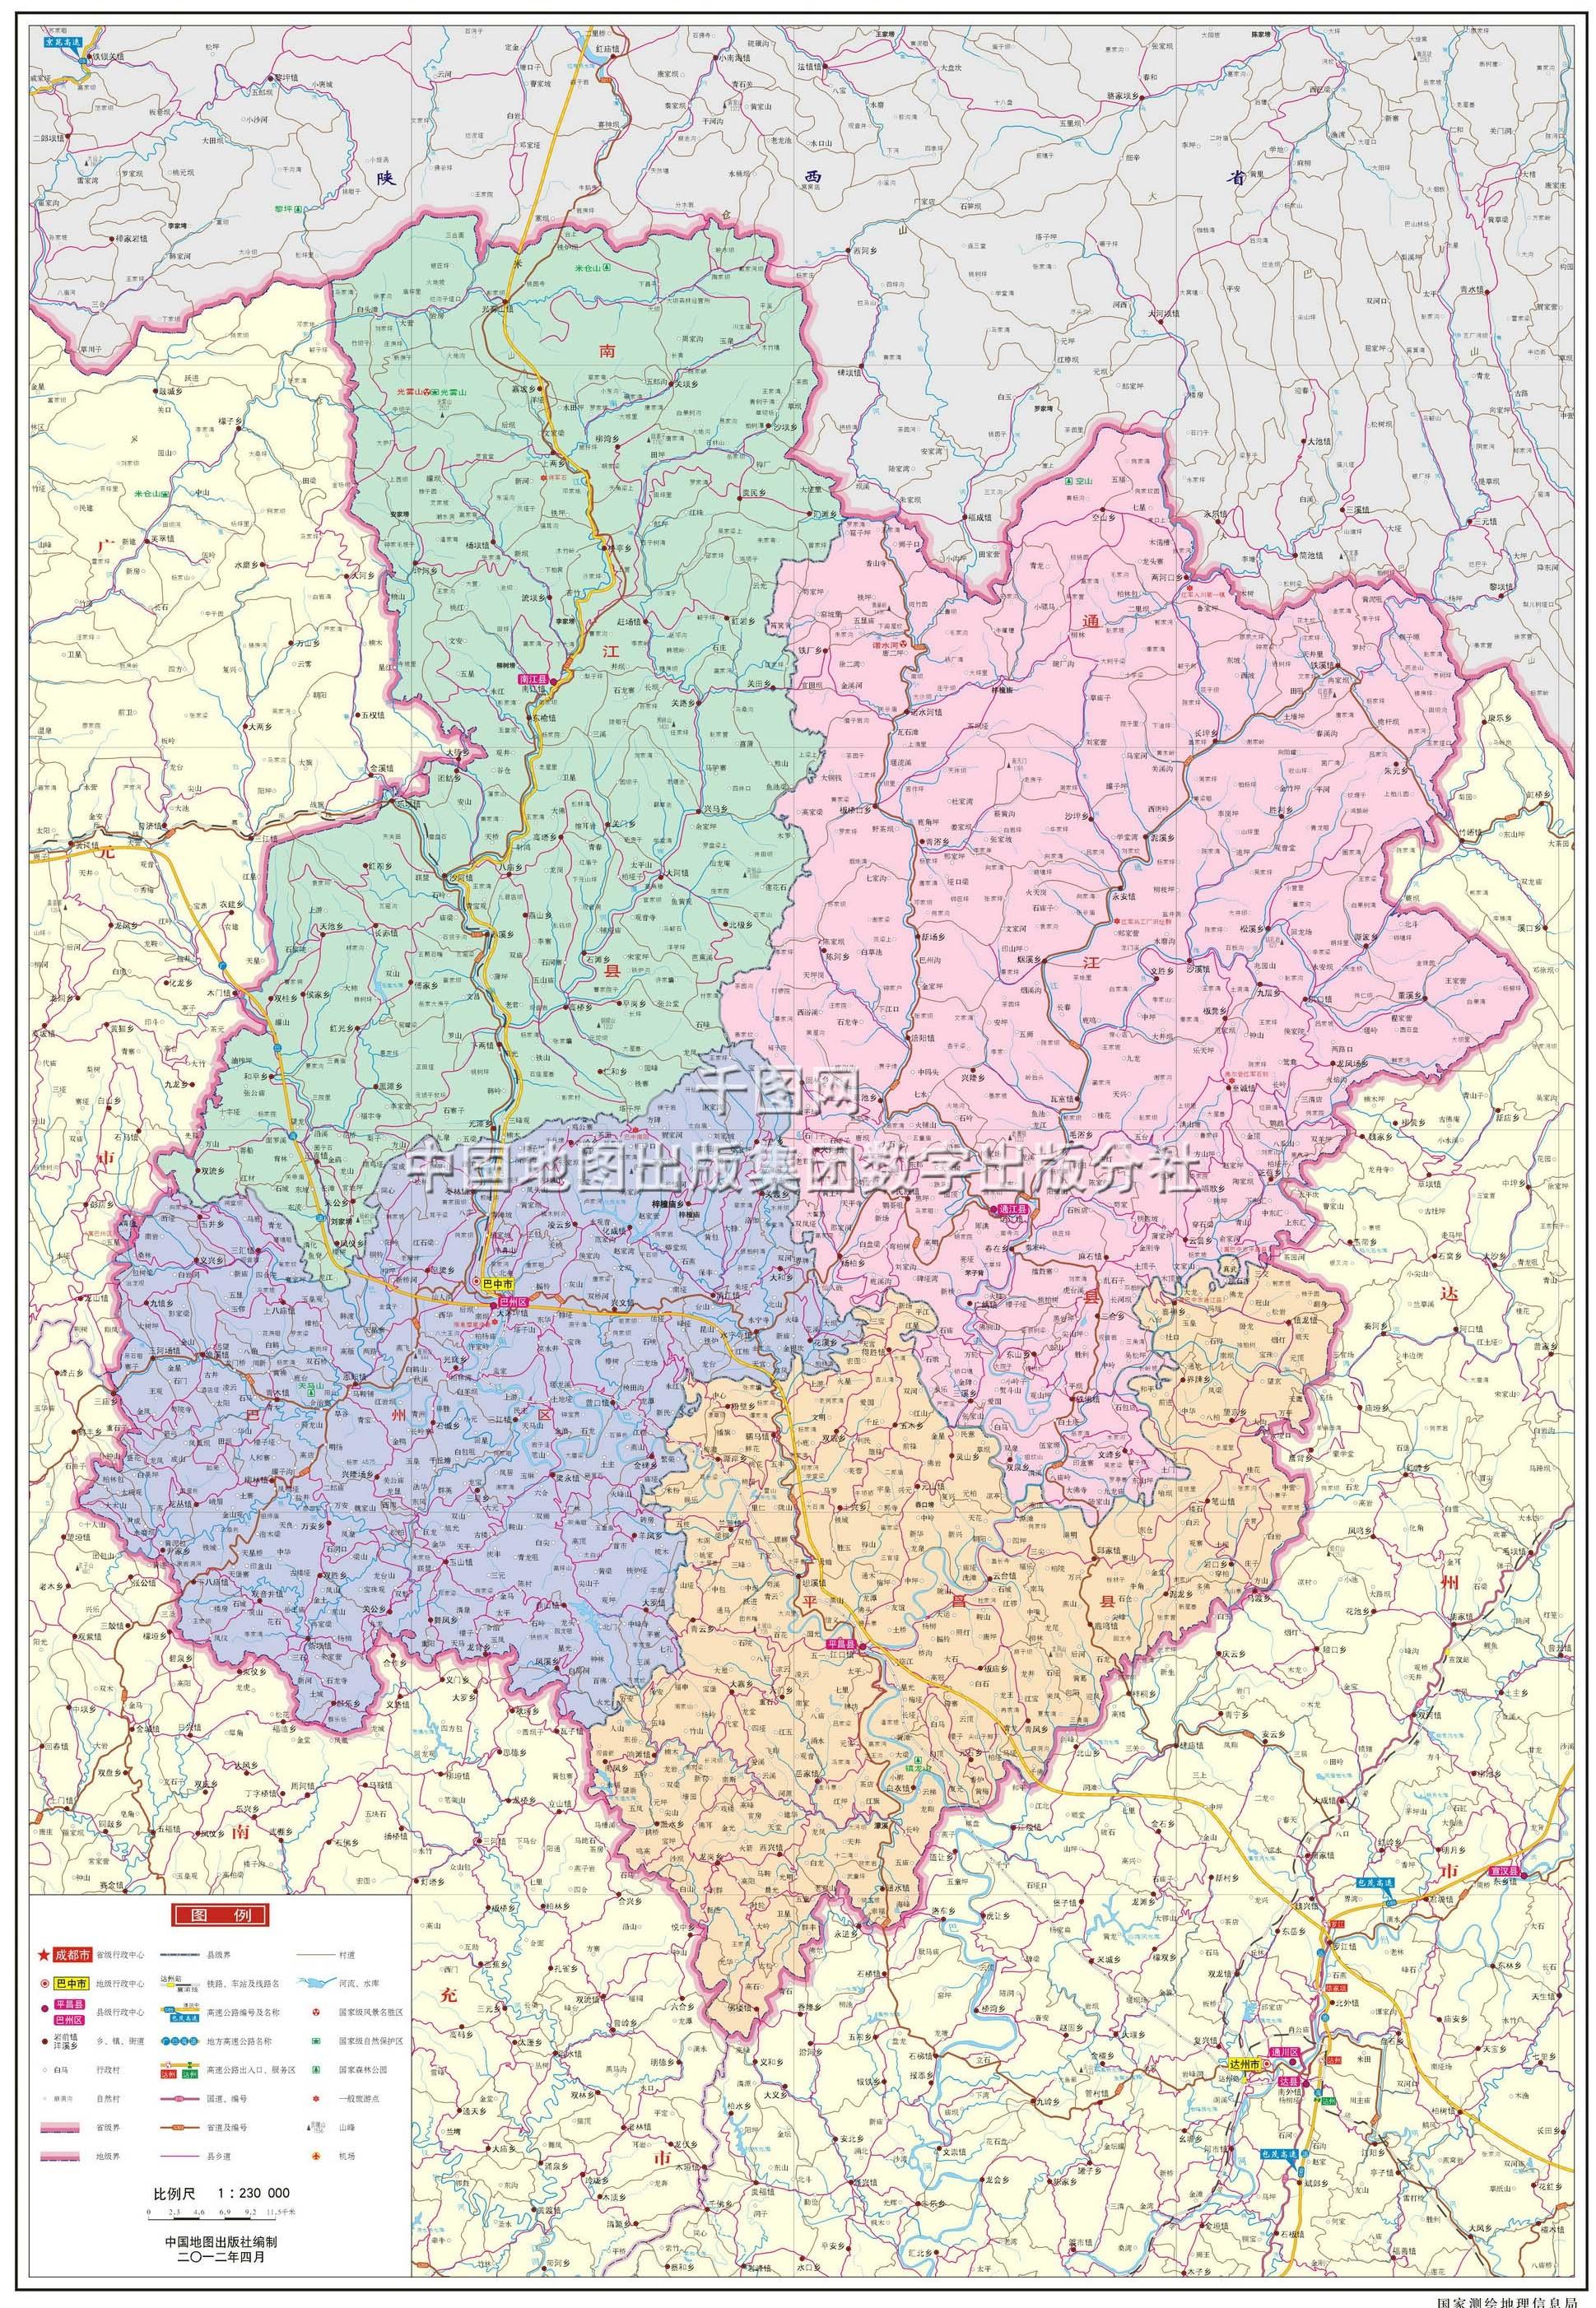 巴中市地图高清版图片